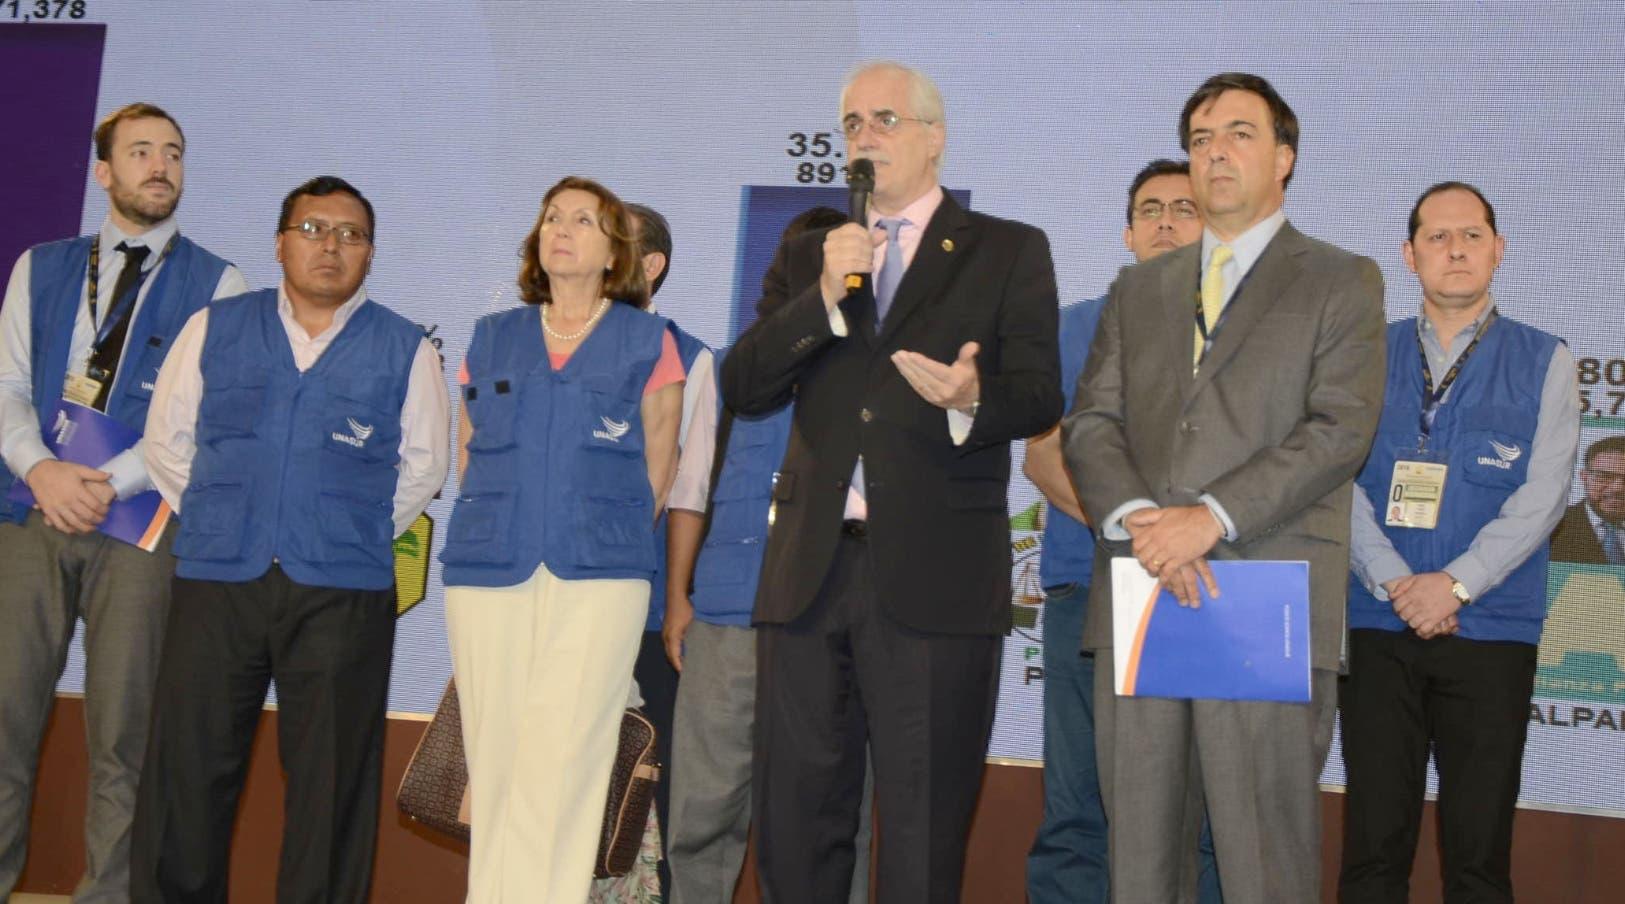 Rueda de prensa de la misión de observadores electoral de UNASUR,en el centro de computo de la JCE,hotel Dominican Fiesta/foto Jose de Leon